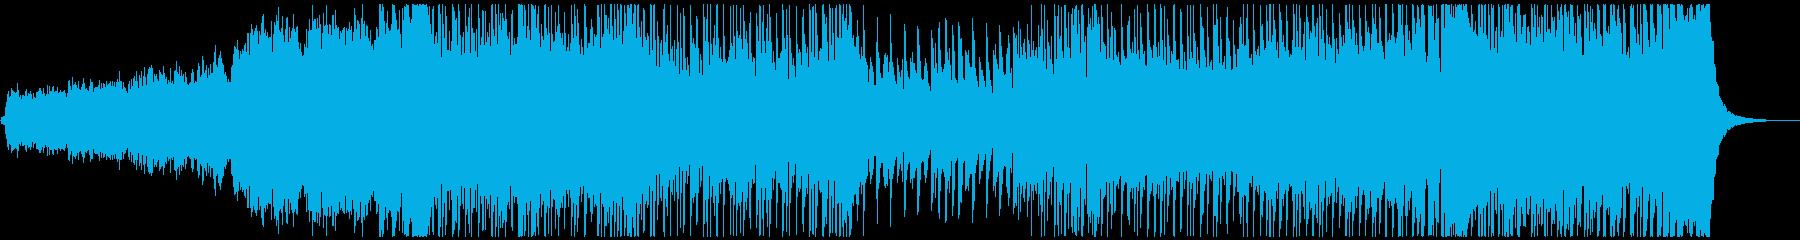 ディズニー風の冬のキラキラファンタジーの再生済みの波形